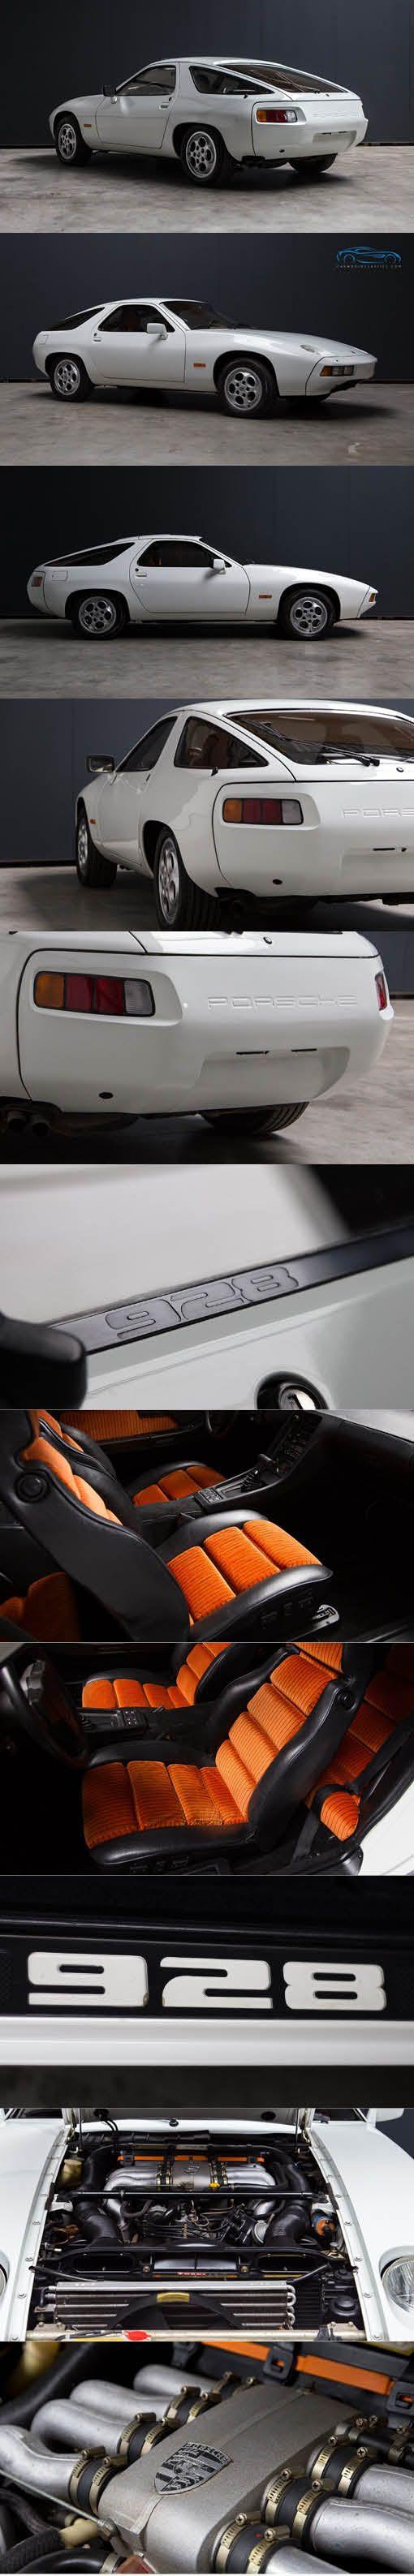 1979 Porsche 928 / Germany / white orange / 13.800 km 69.500 Euro Carwold Classics ...repinned für Gewinner!  - jetzt gratis Erfolgsratgeber sichern www.ratsucher.de